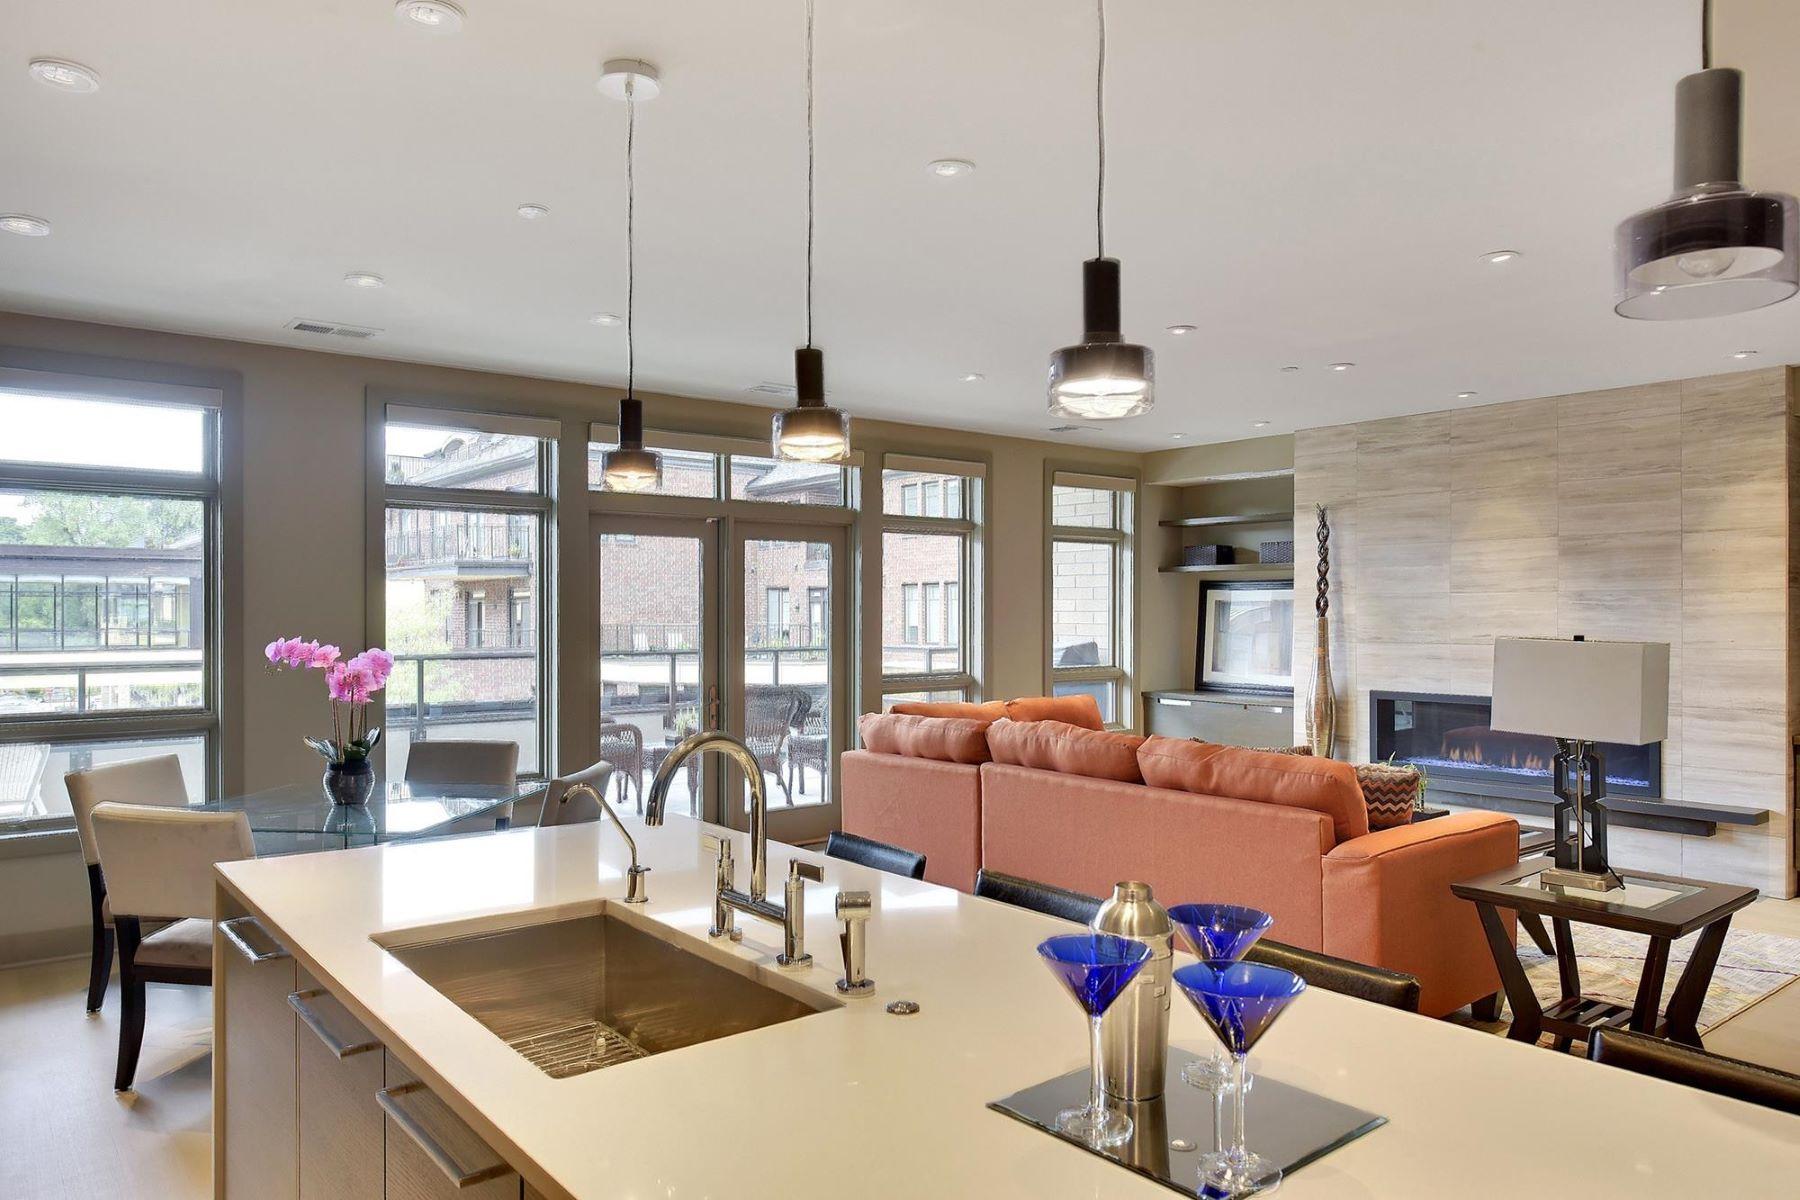 共管式独立产权公寓 为 销售 在 875 Lake Street N #203 扎塔, 明尼苏达州, 55391 美国